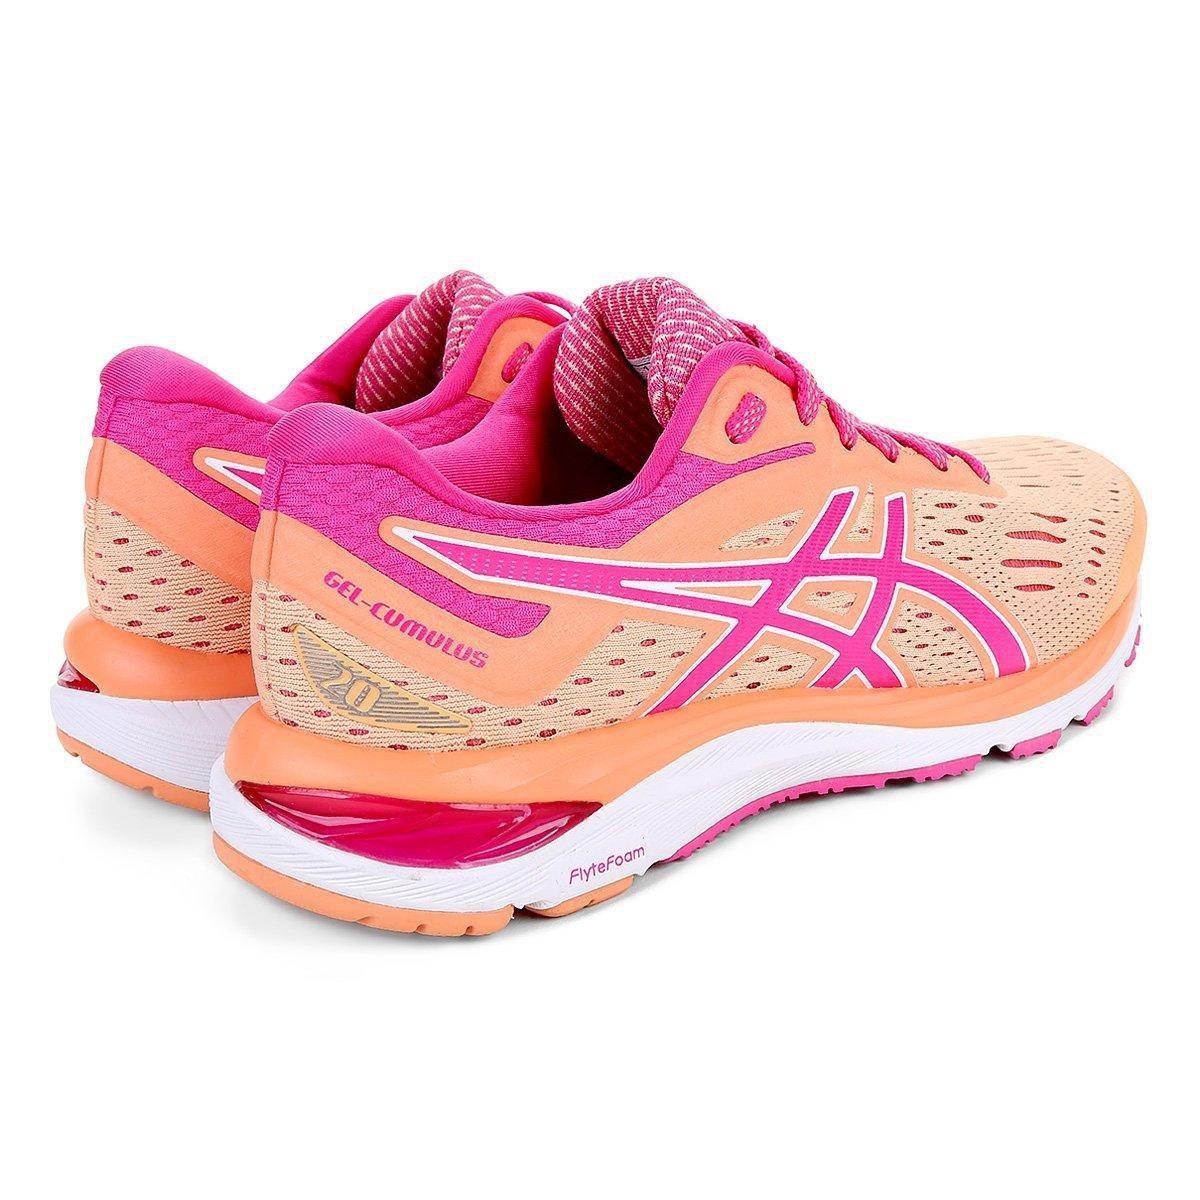 Tênis Asics Gel Cumulus 20 Feminino - Pink - Compre Agora  fc2c80e035a88